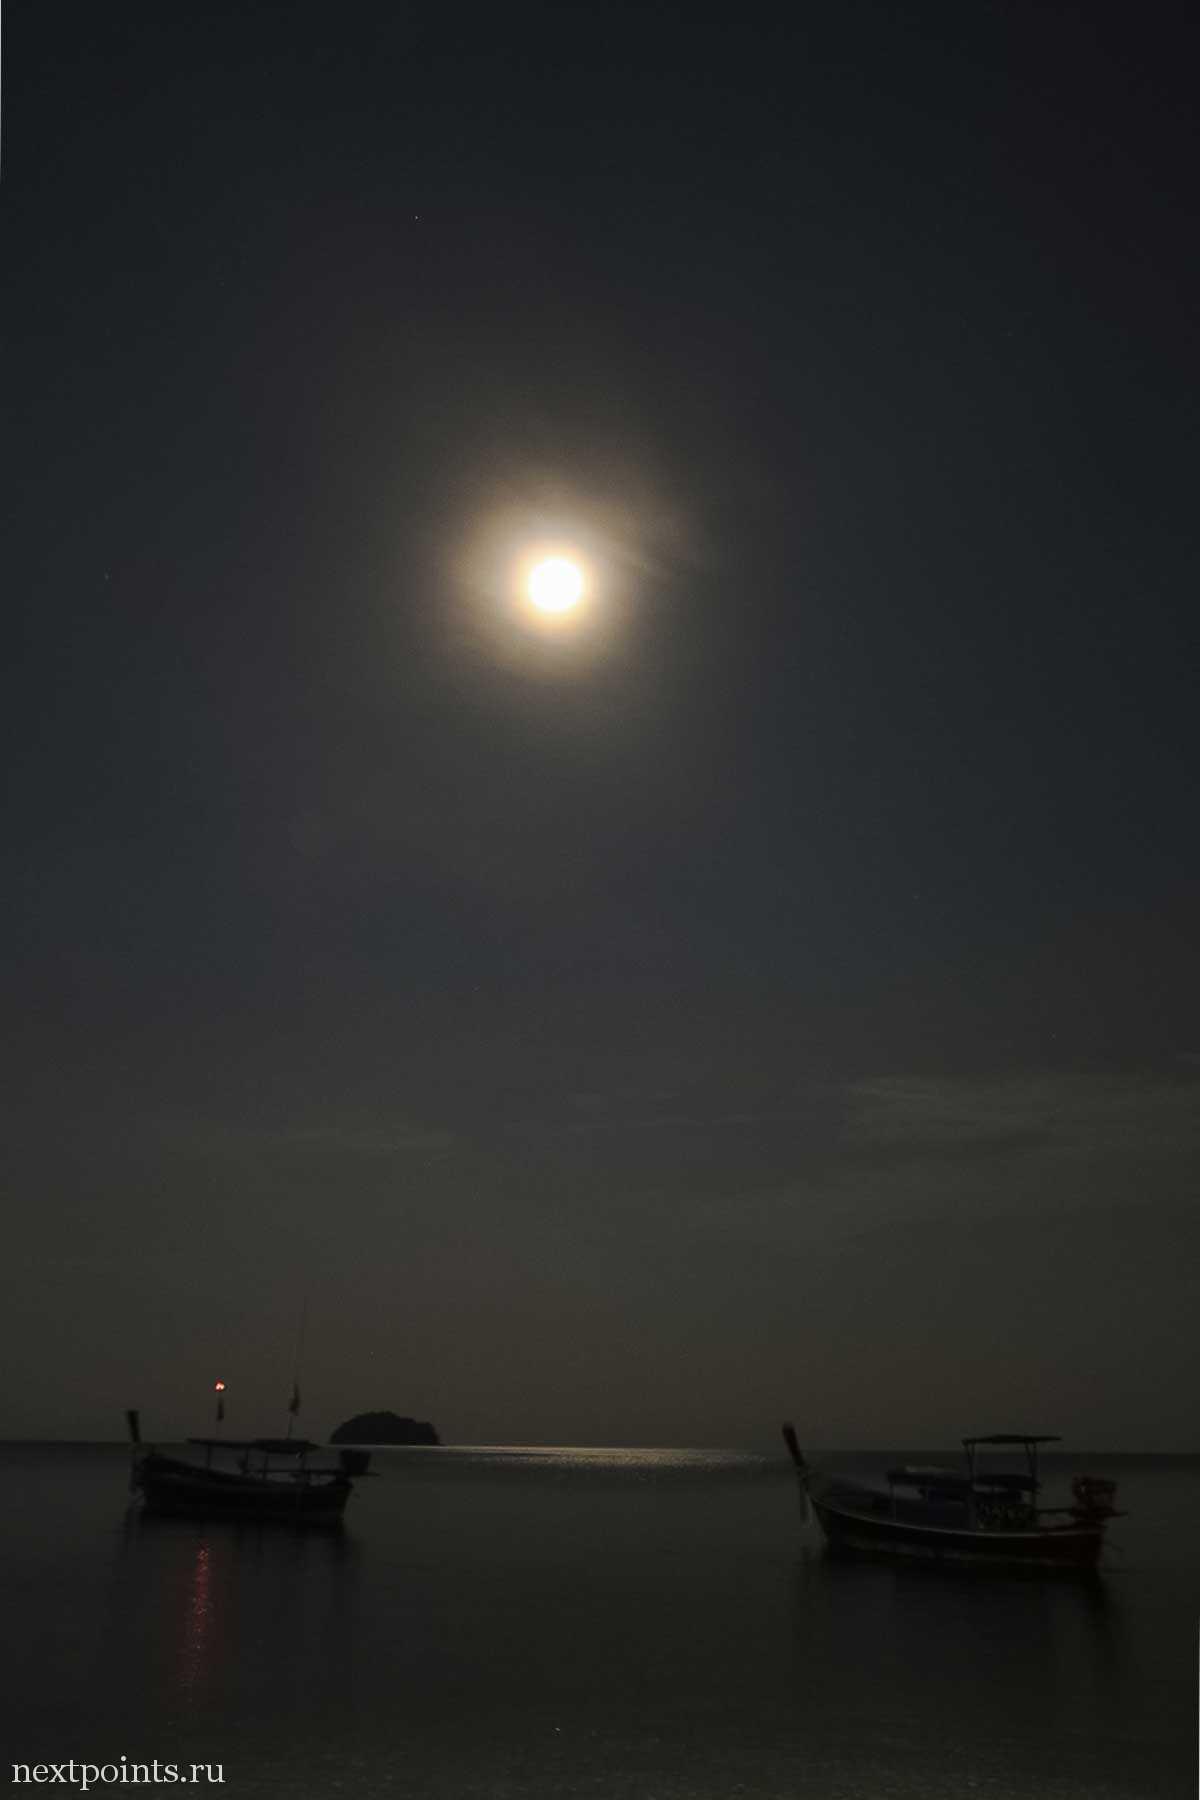 В тот вечер луна светила очень ярко, хорошо освещая все вокруг